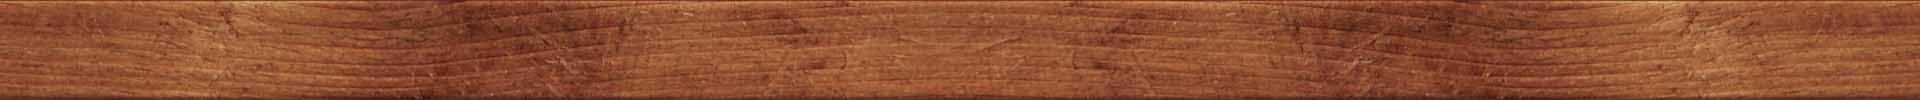 الوار چوبی png